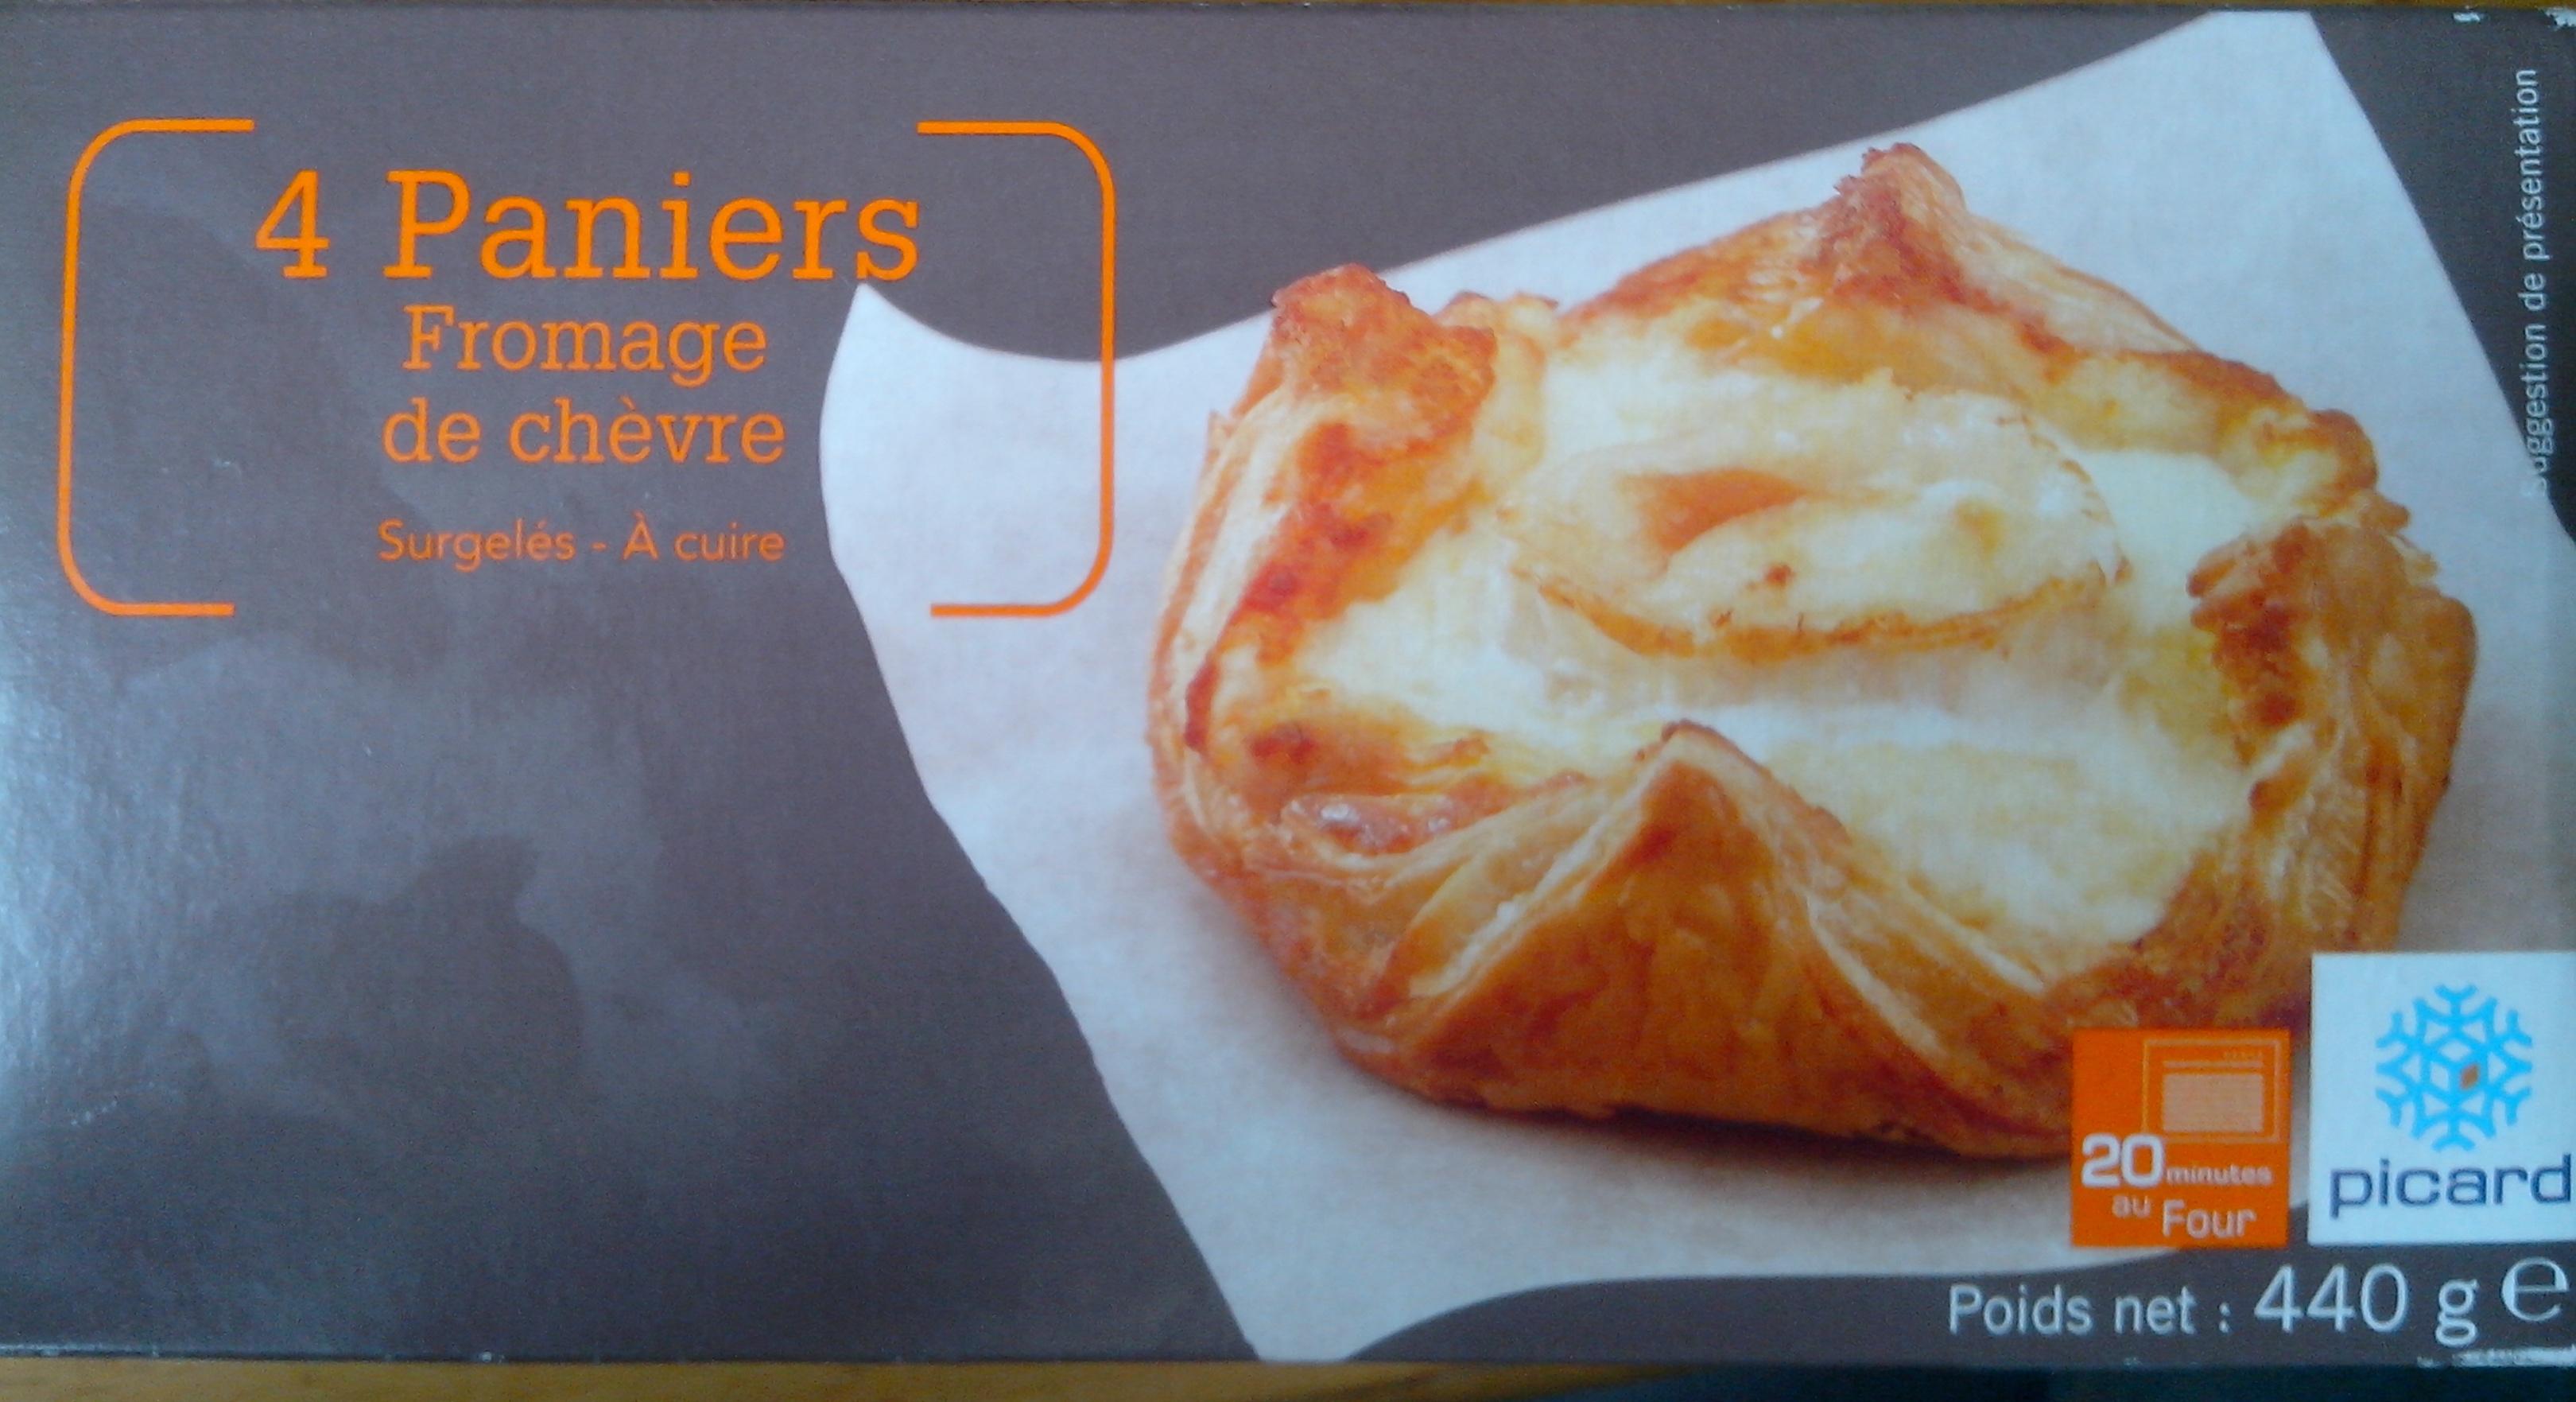 4 Paniers Fromage de chèvre - surgelés - Produkt - fr